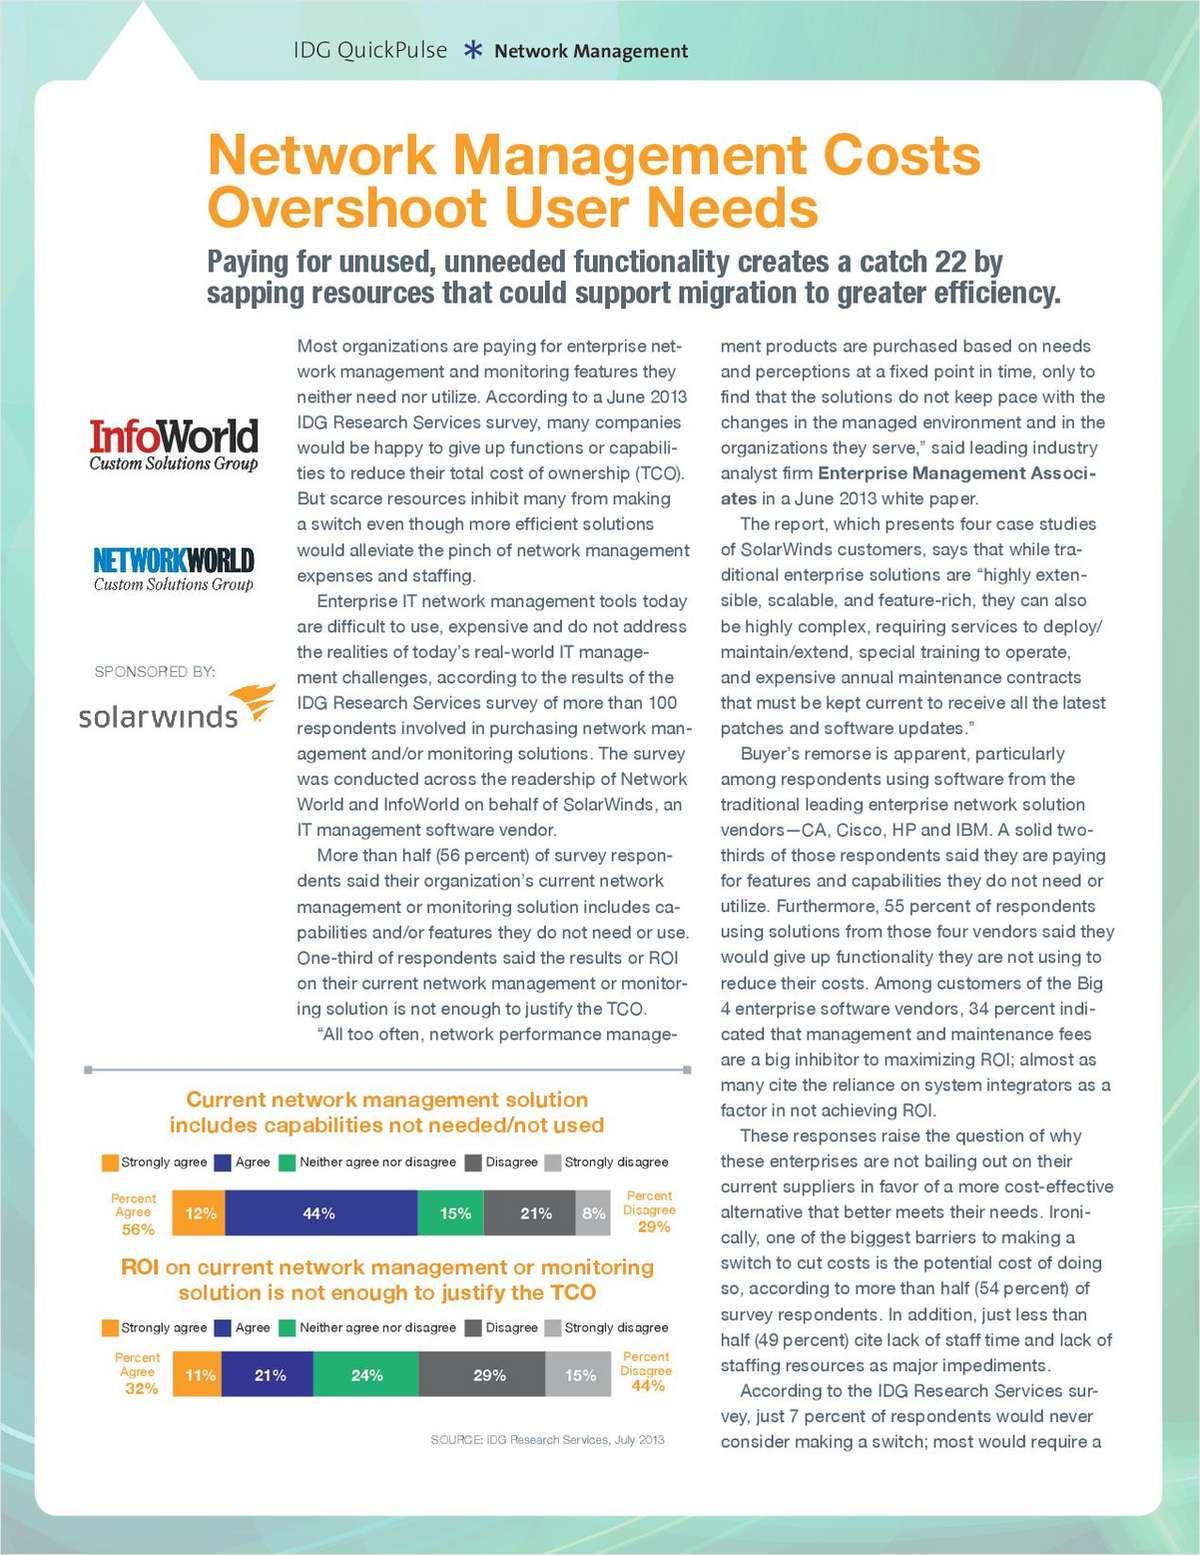 Network Management Costs Overshoot User Needs